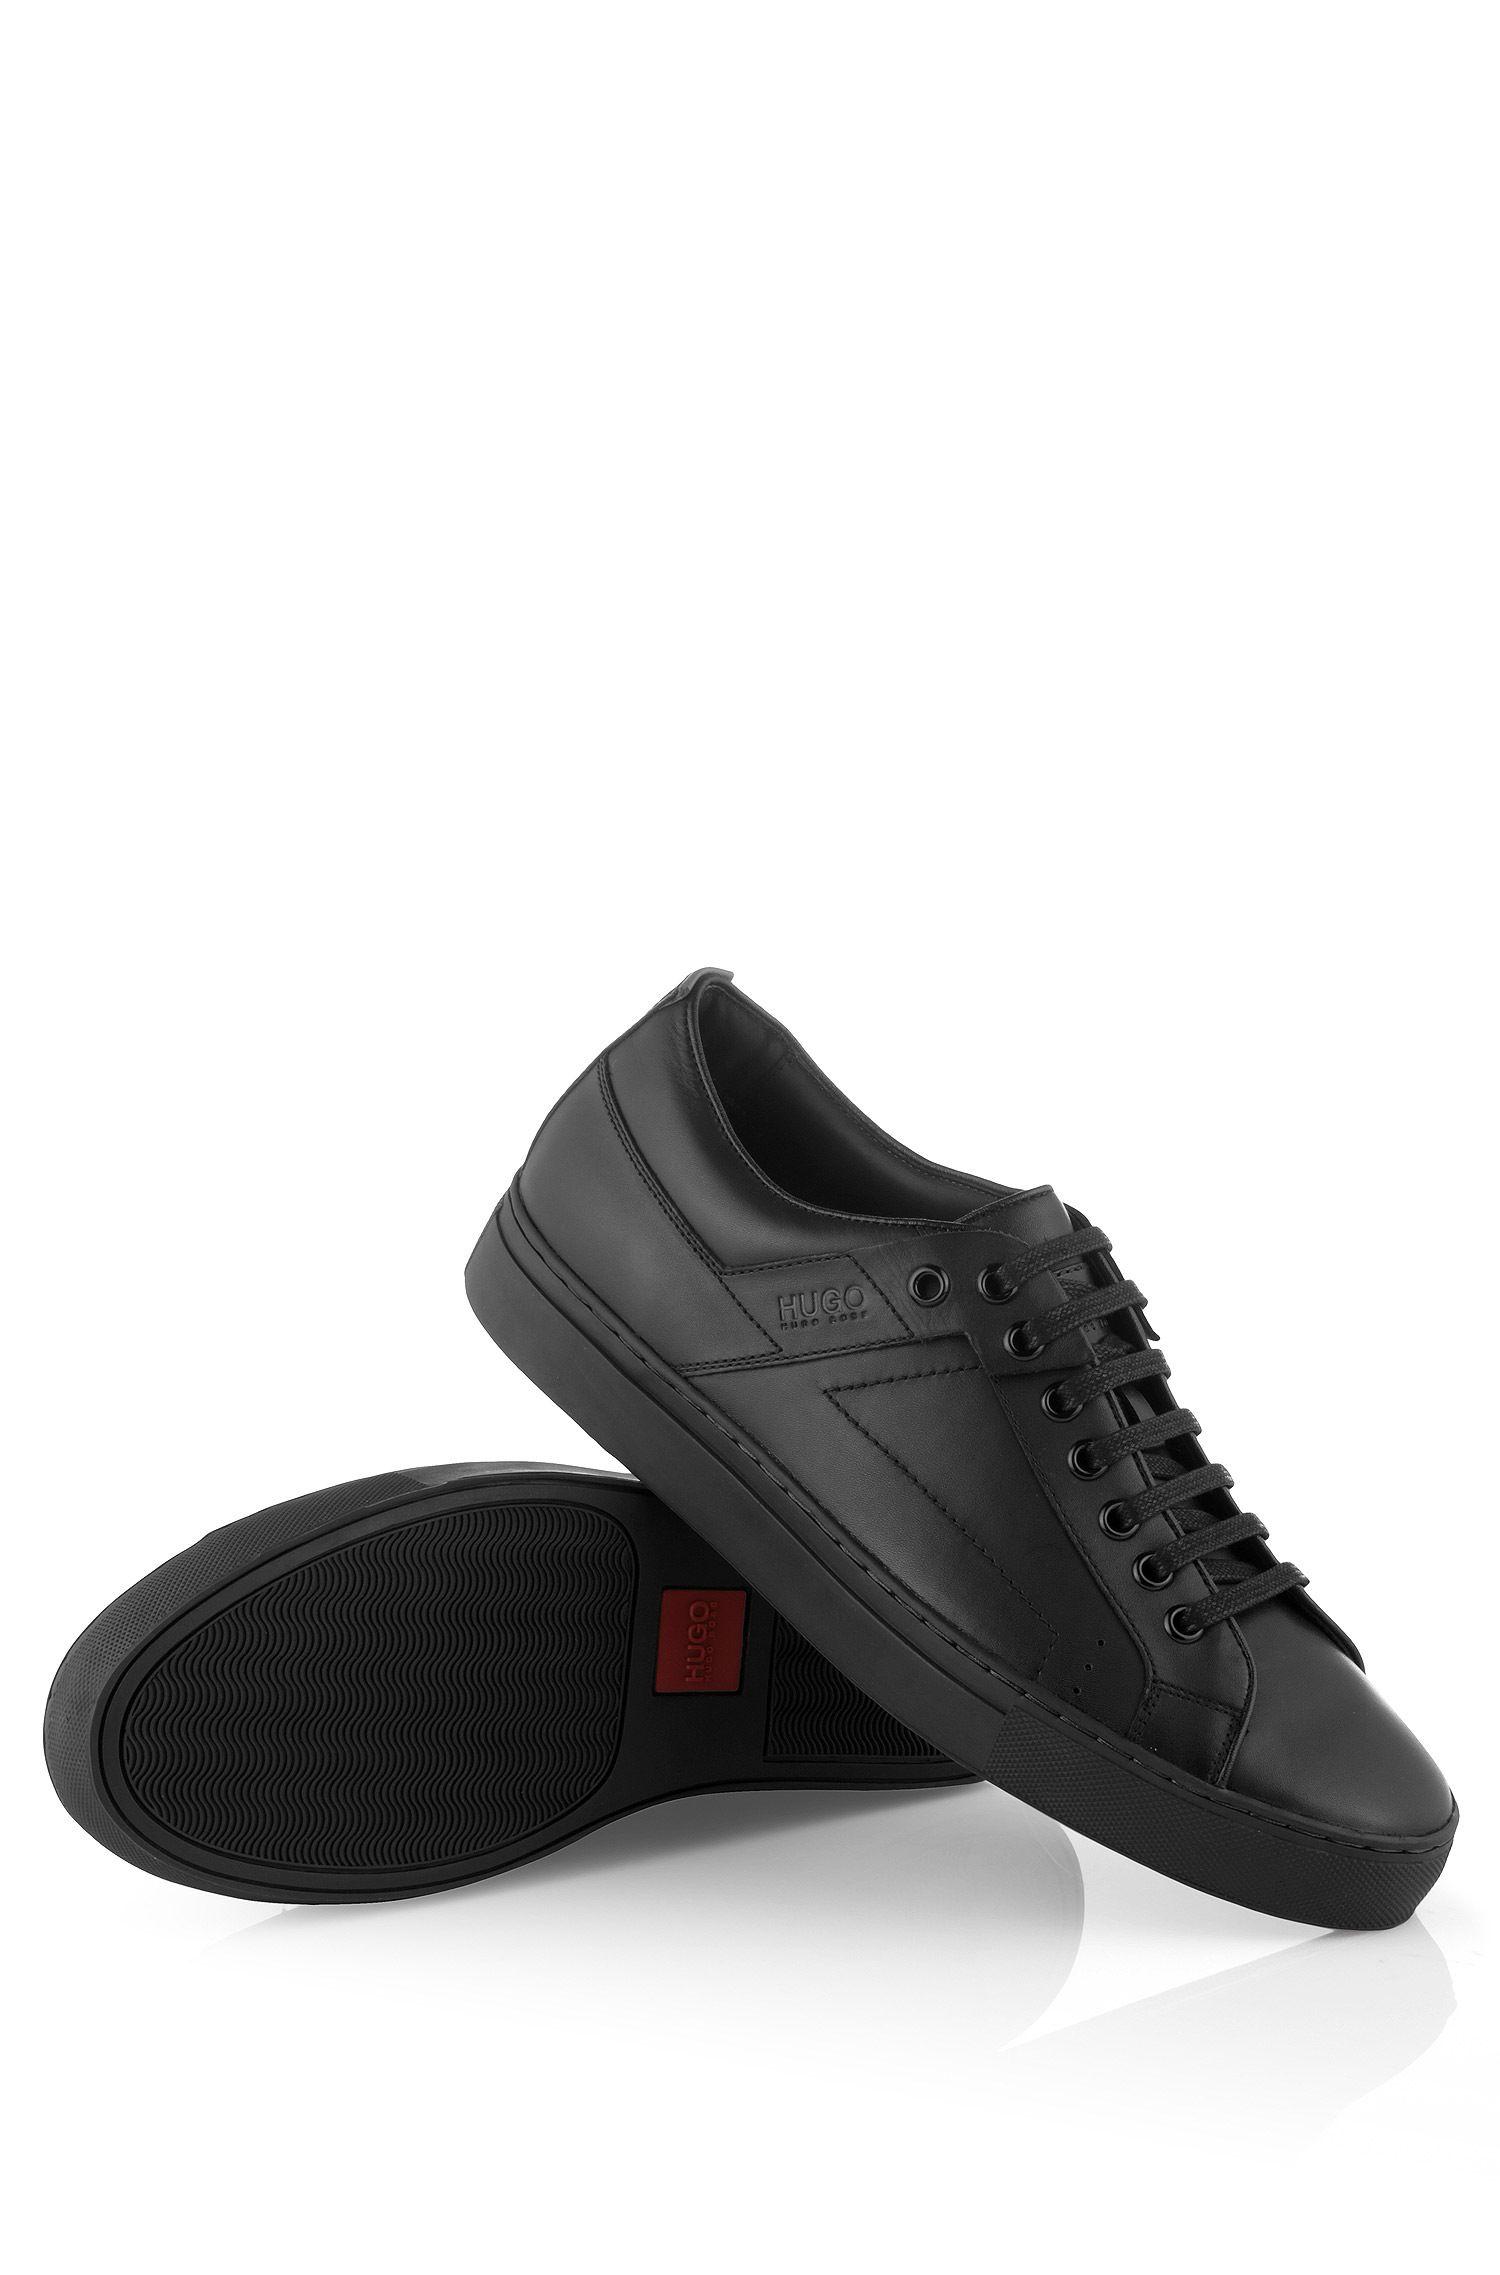 Sneaker Futesio Aus Leder Calzado Masculino Calzas Zapatillas